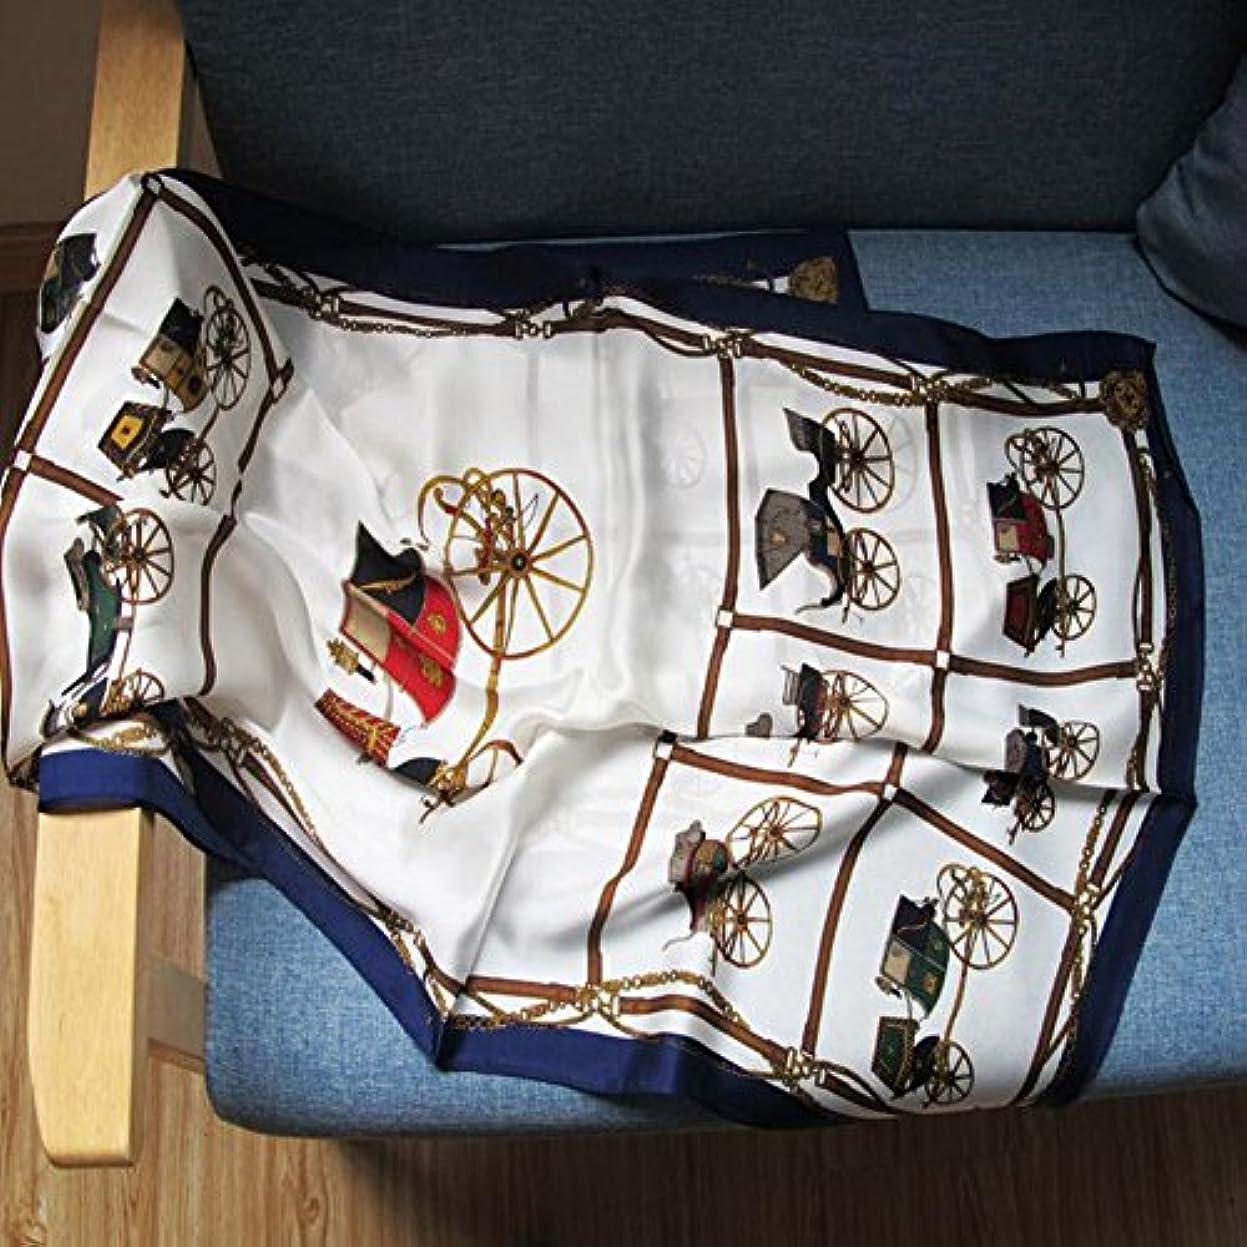 心理的監督するアーサーコナンドイル女性のショール2018新しいスタイルサウンの保護桑のシルクのスカーフシルクのスカーフシルクのスカーフNeckerchiefサンディービーチのアンチUVショールの女性のギフトシルクロングスカーフ60 * 180センチメートル...